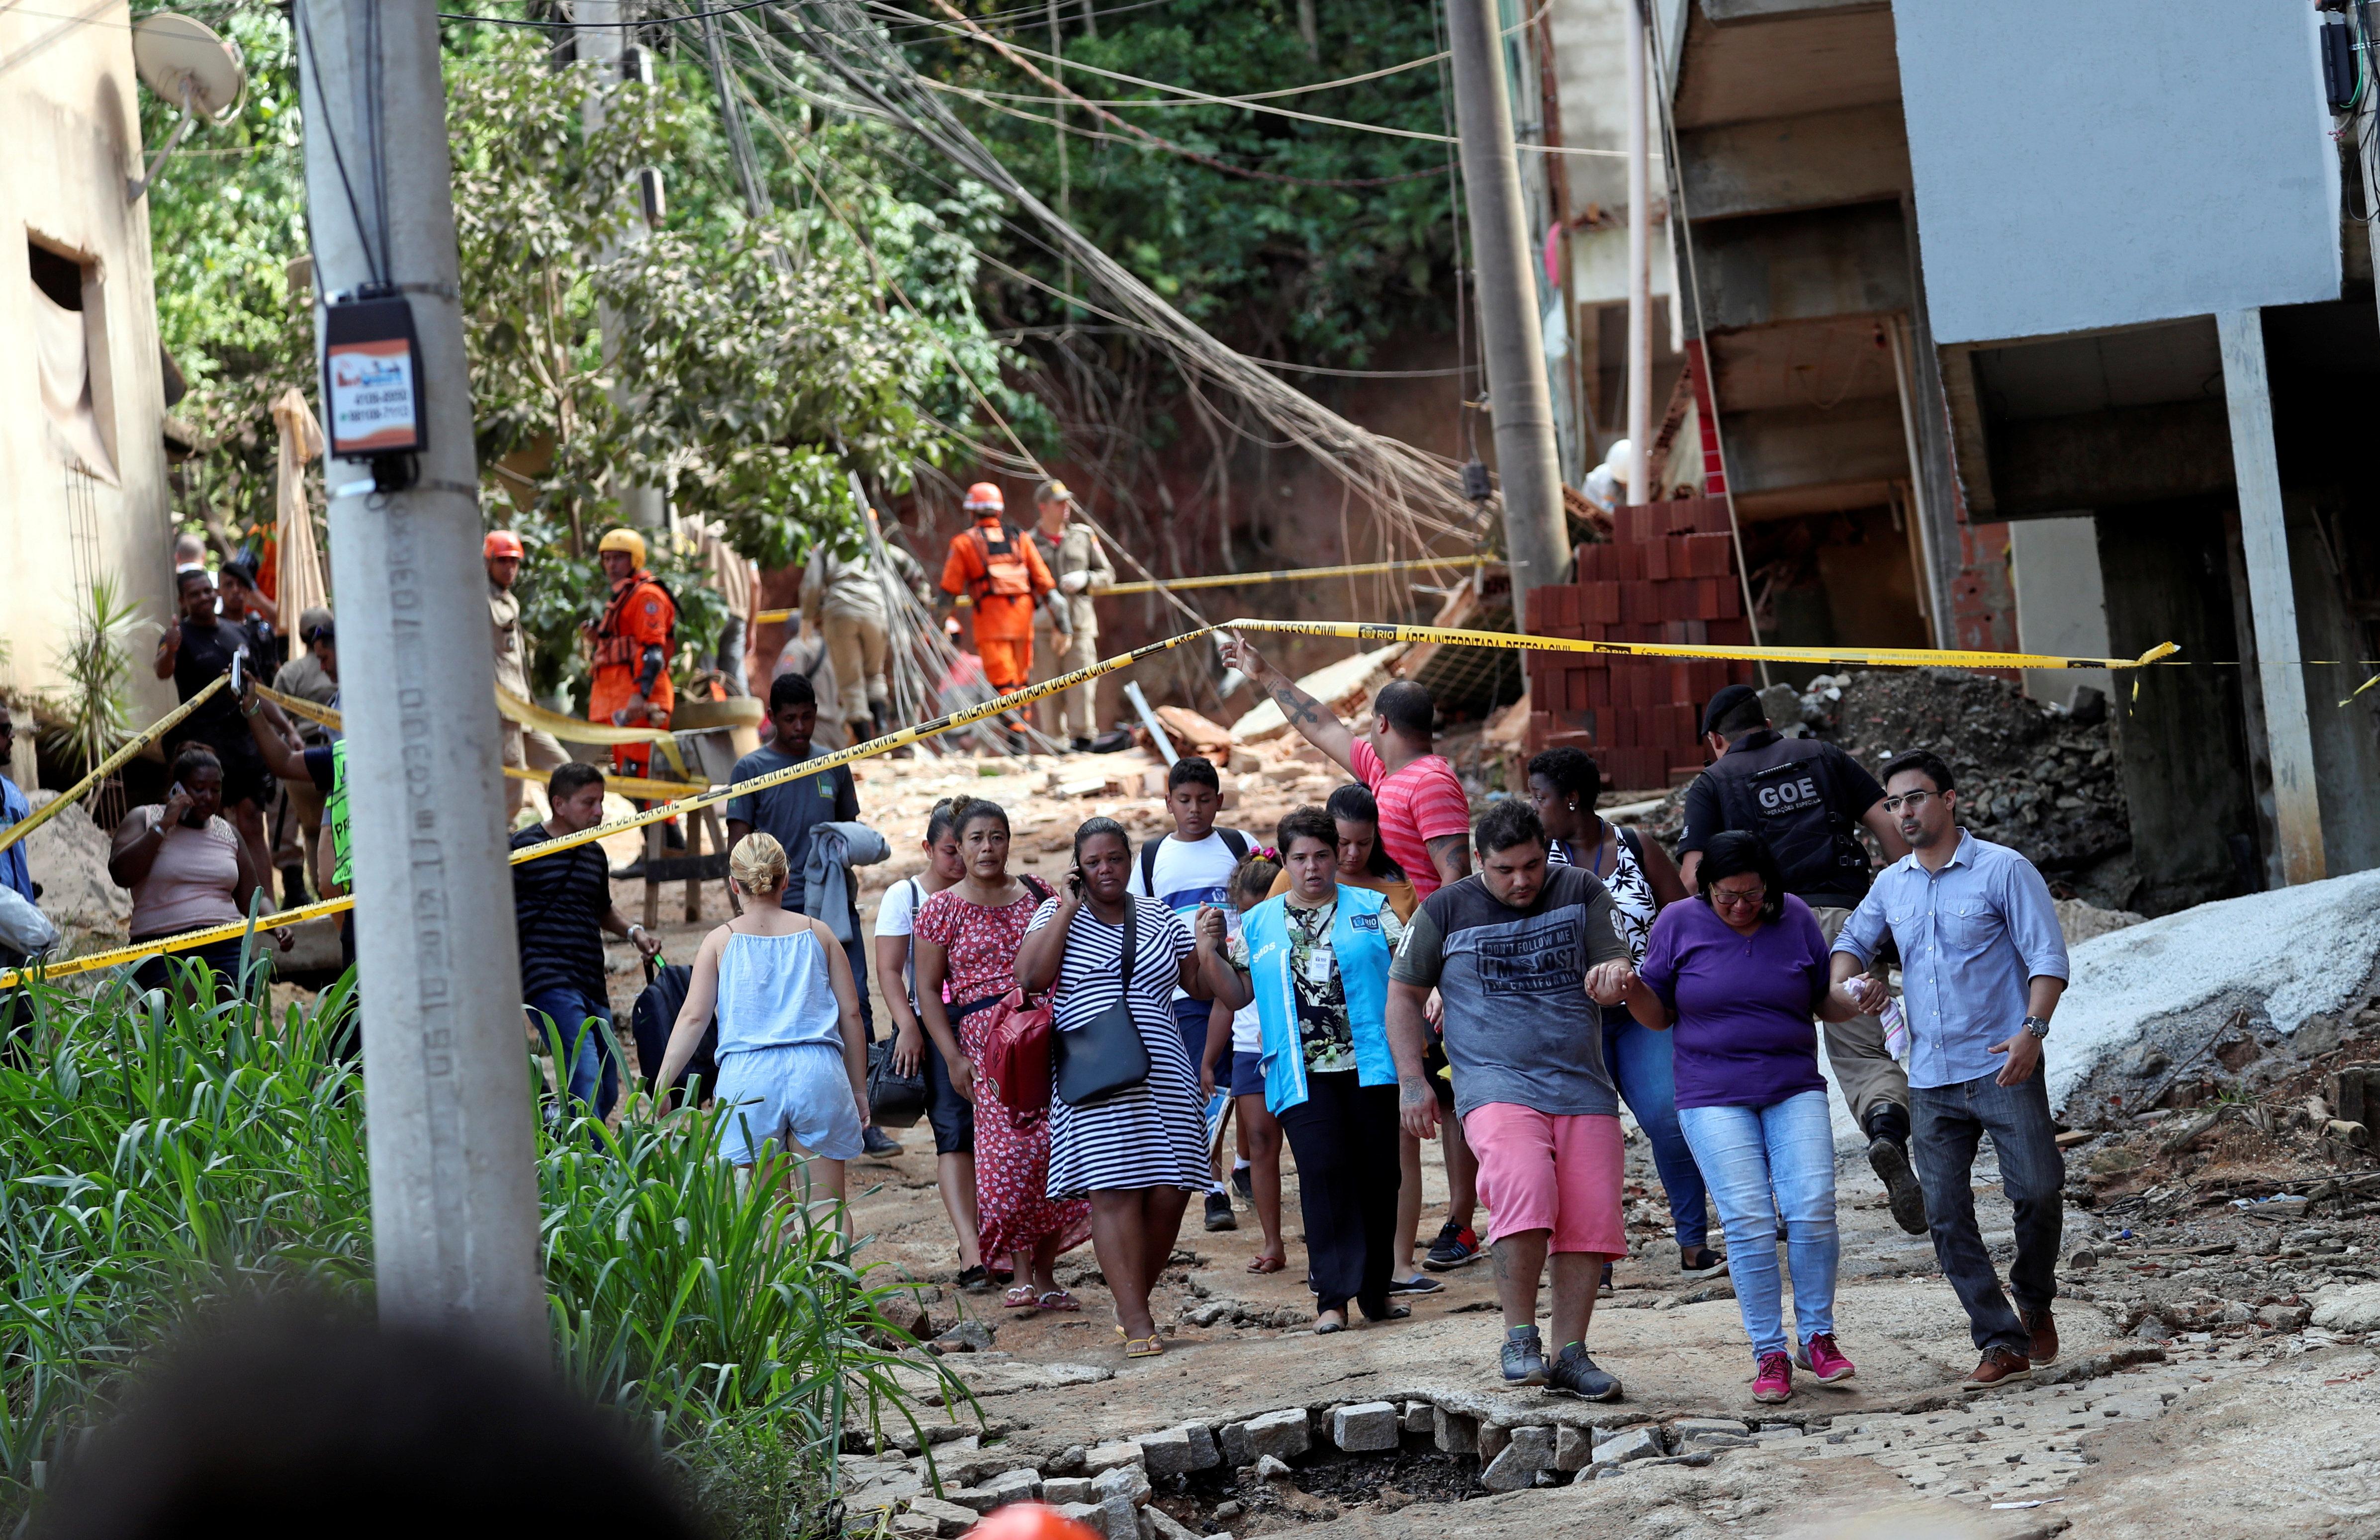 Desabamento de prédios deixa ao menos 2 mortos, 3 feridos e desaparecidos no Rio de